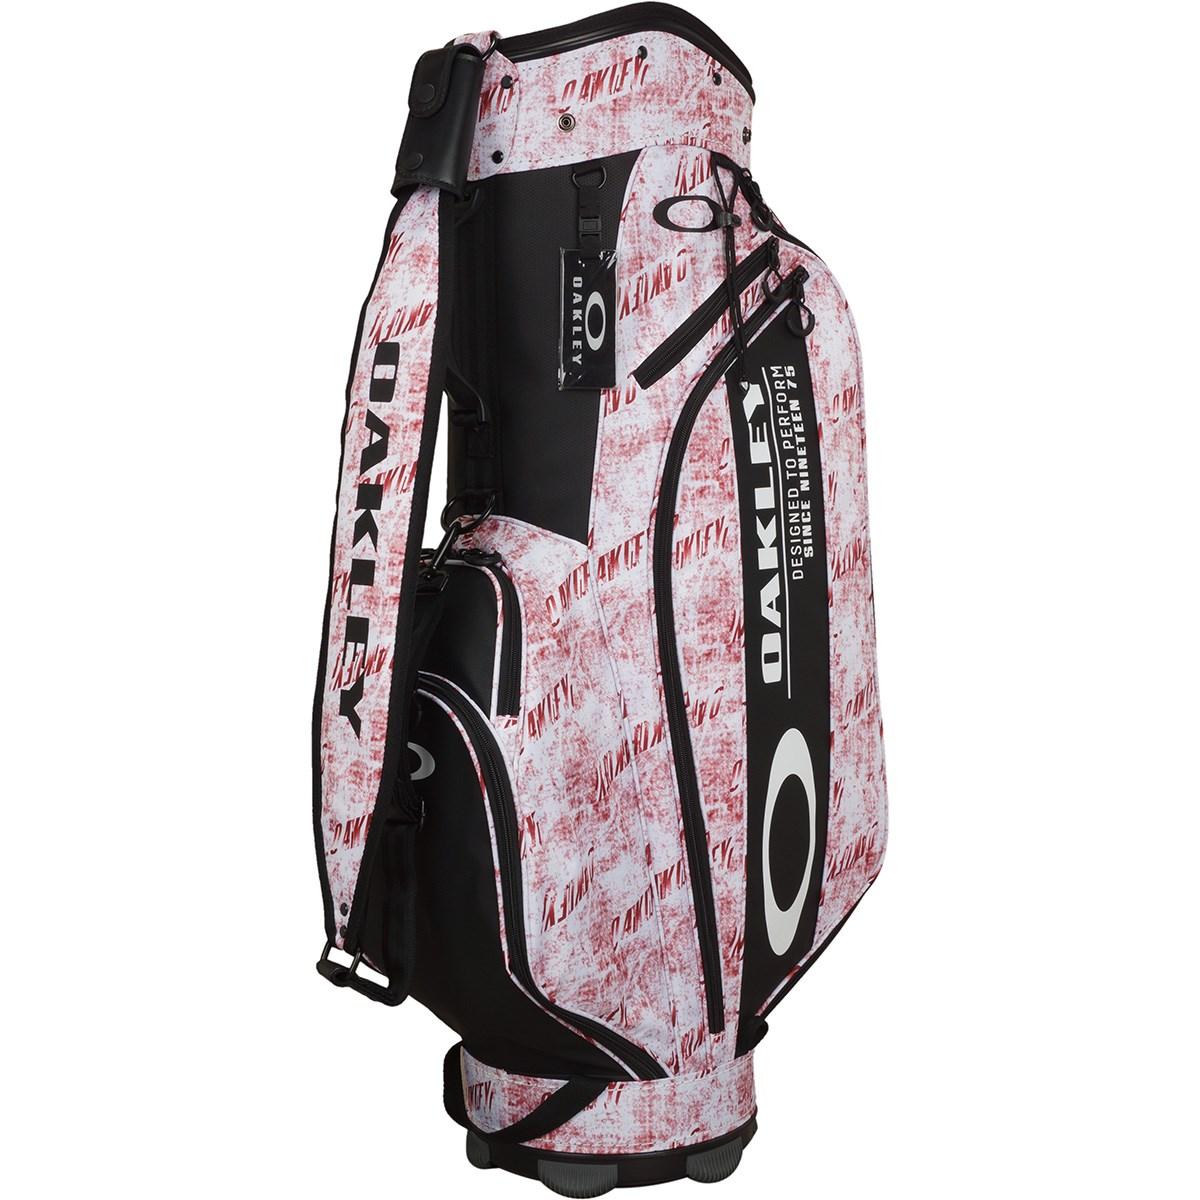 オークリー OAKLEY BG ゴルフ 13.0 キャディバッグ ハイリスクレッド 43A